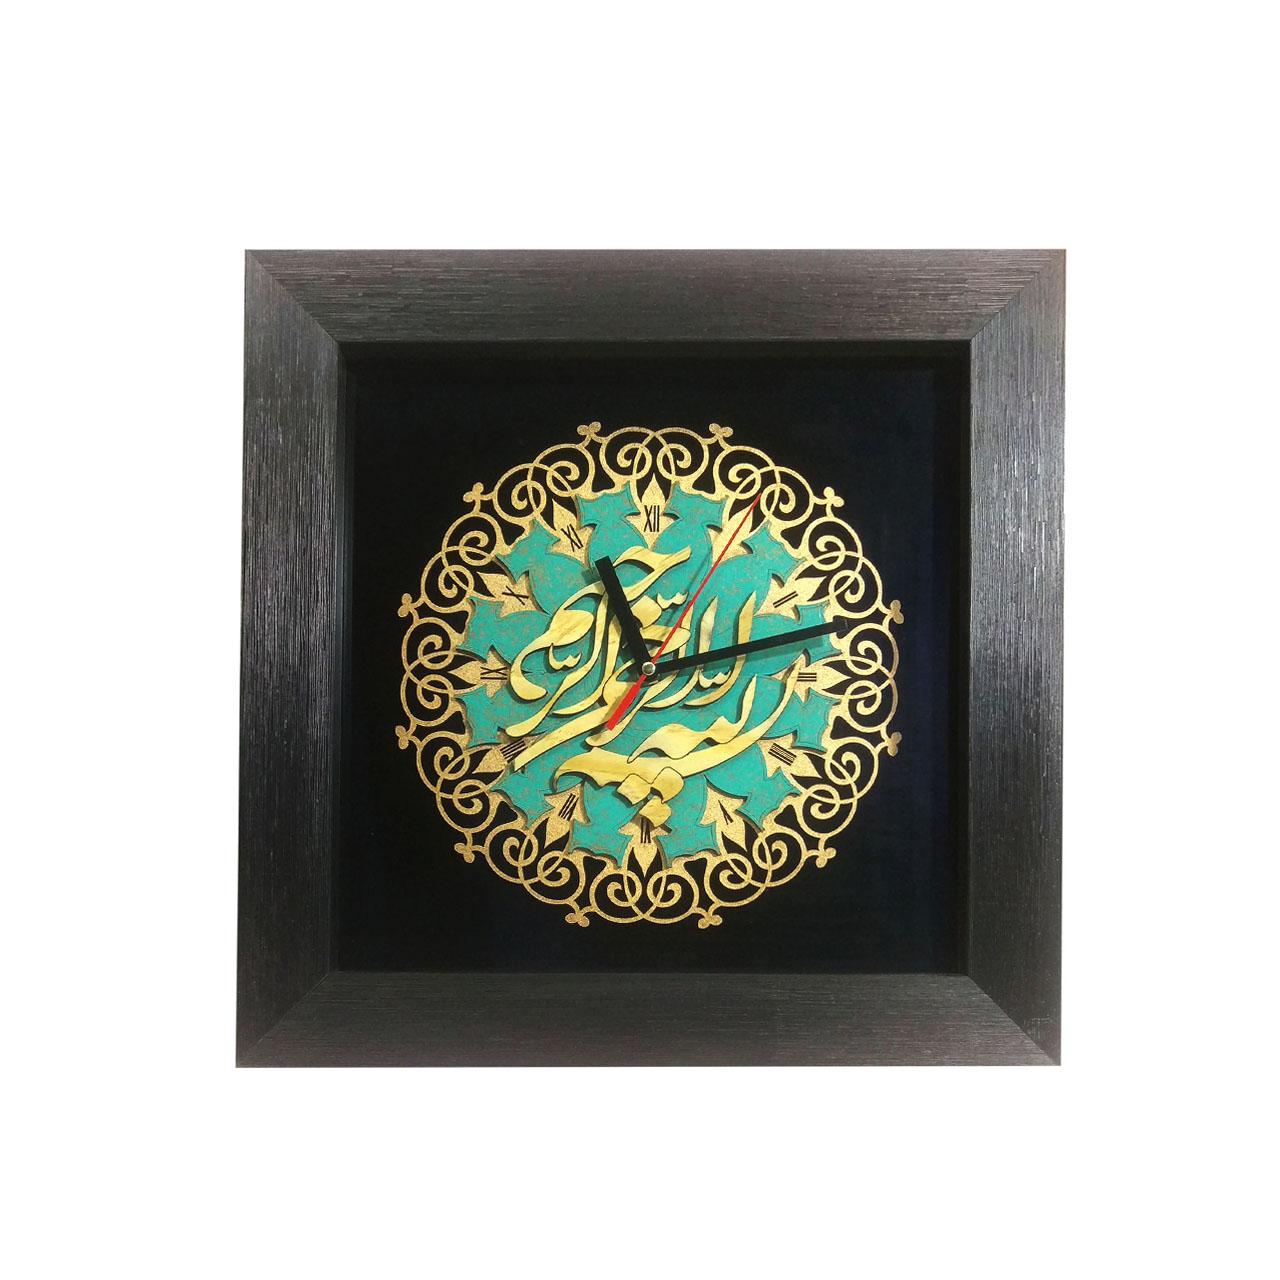 تابلو ساعت لوح هنر مدل بسم الله کد 793